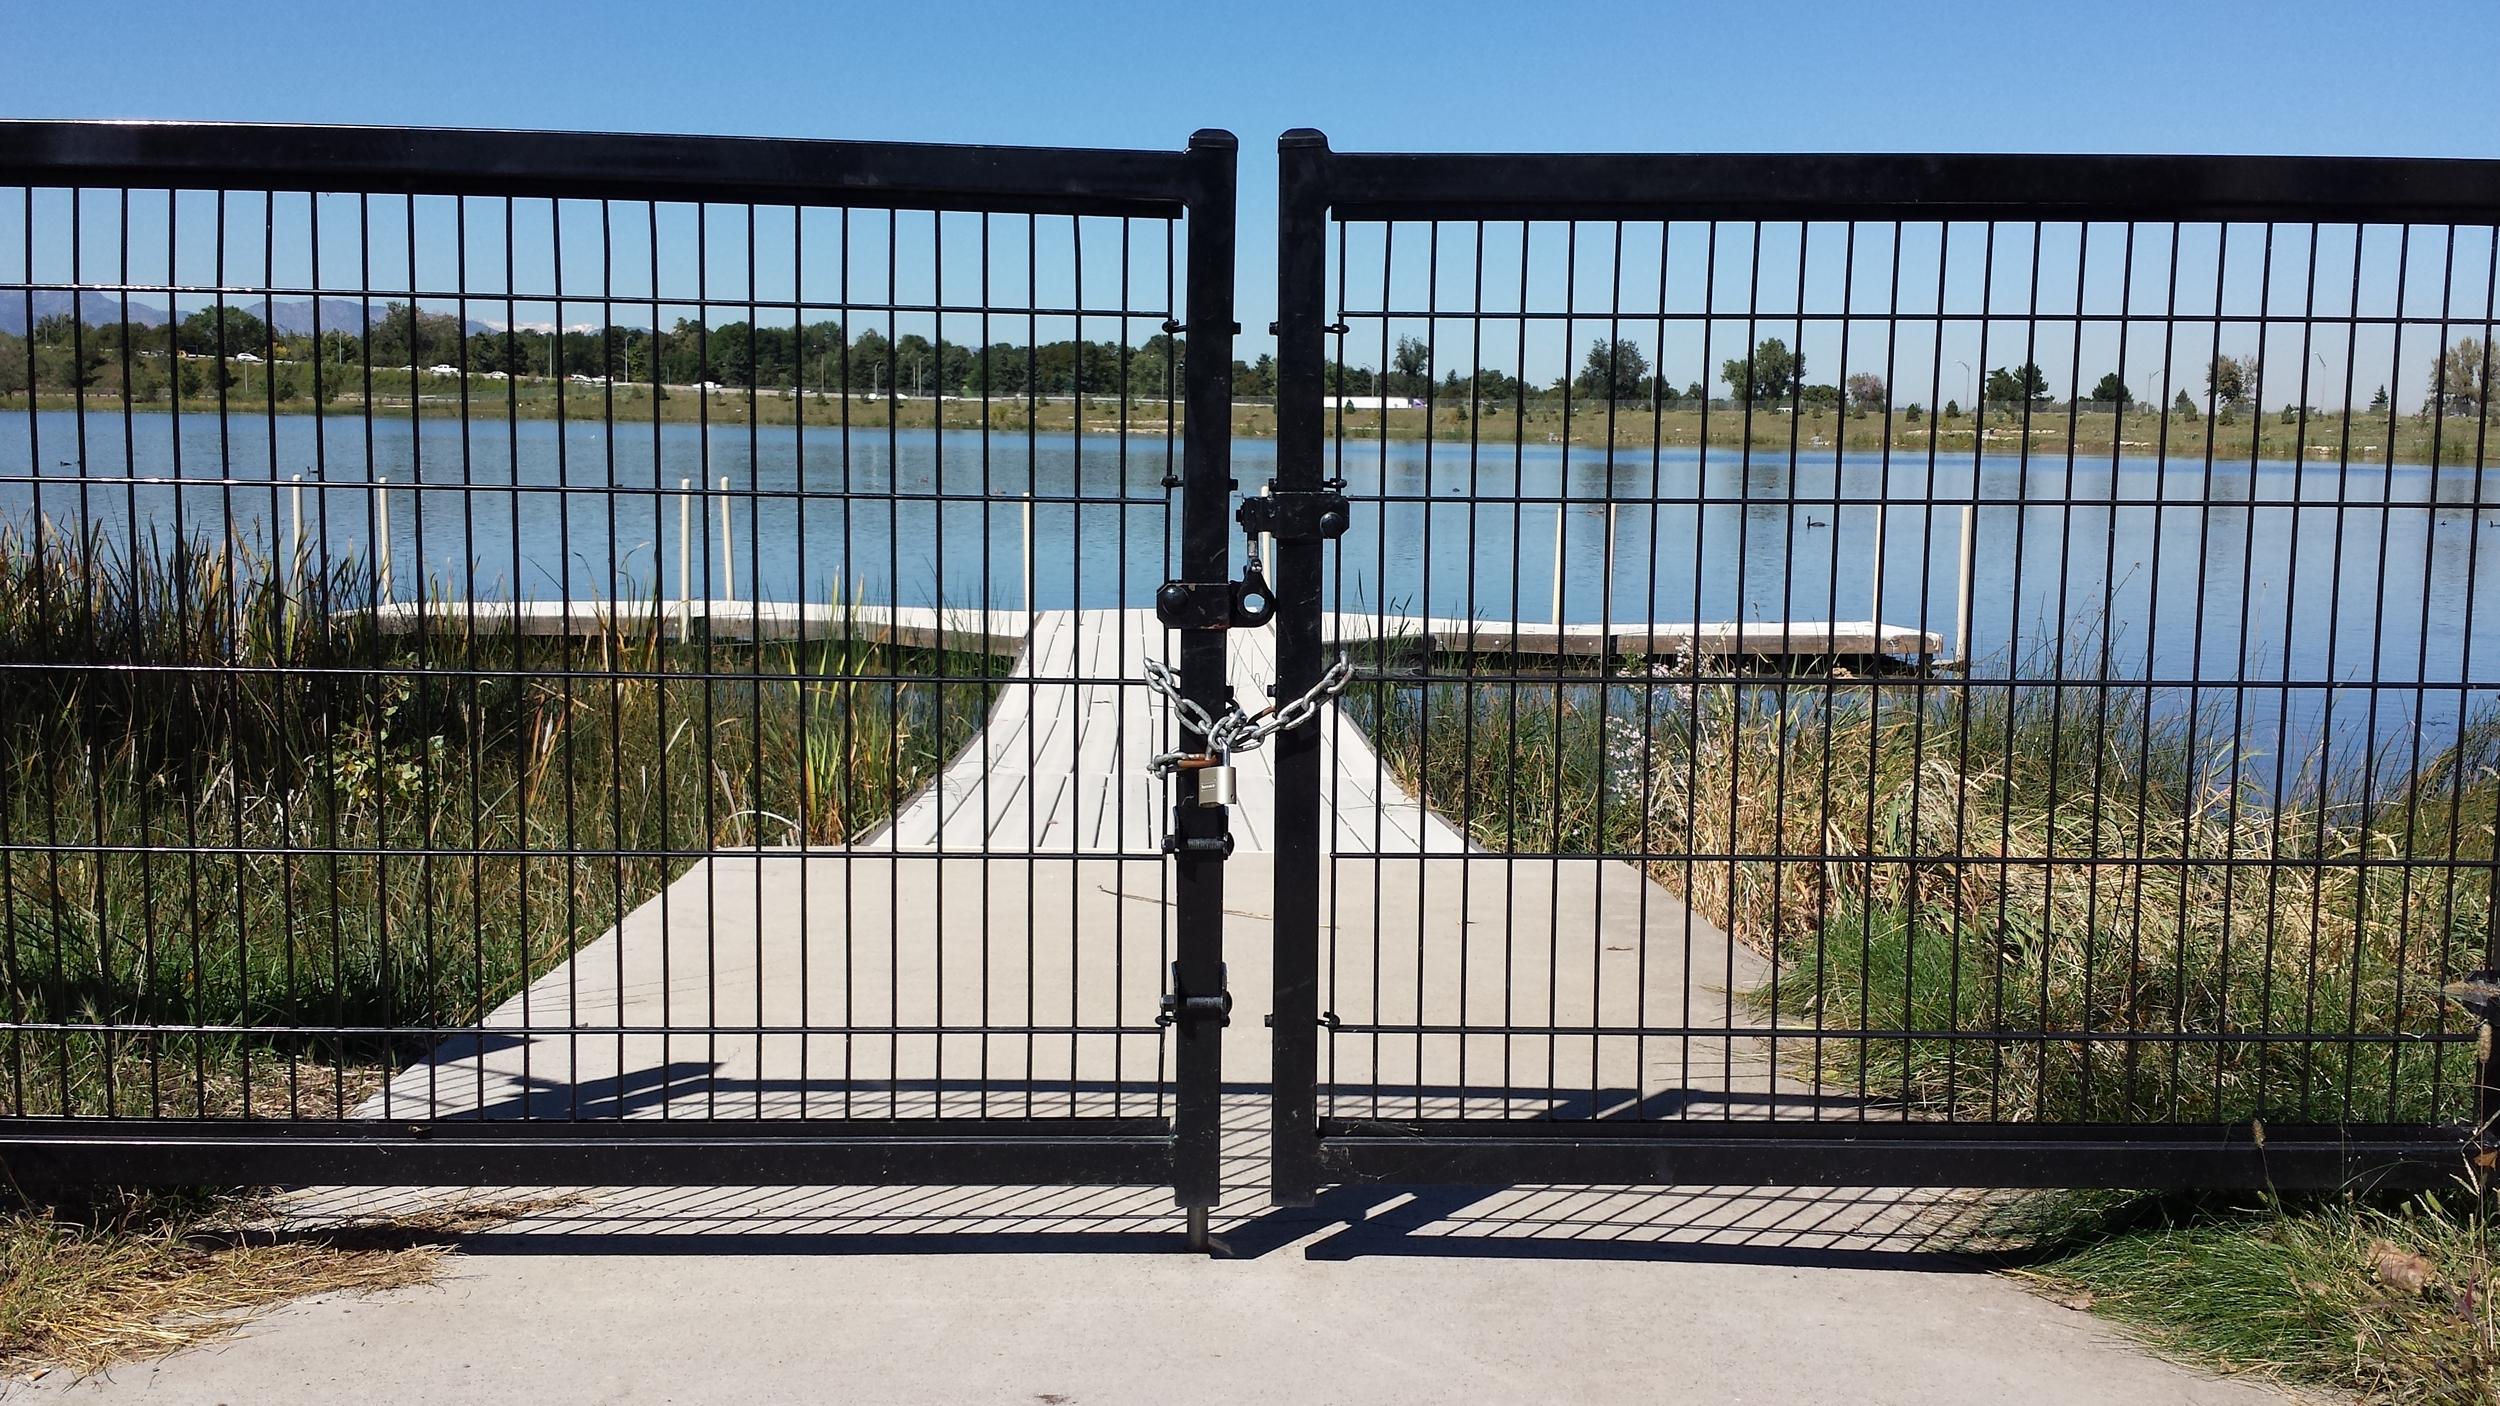 No+2+double+swing+gate.jpg